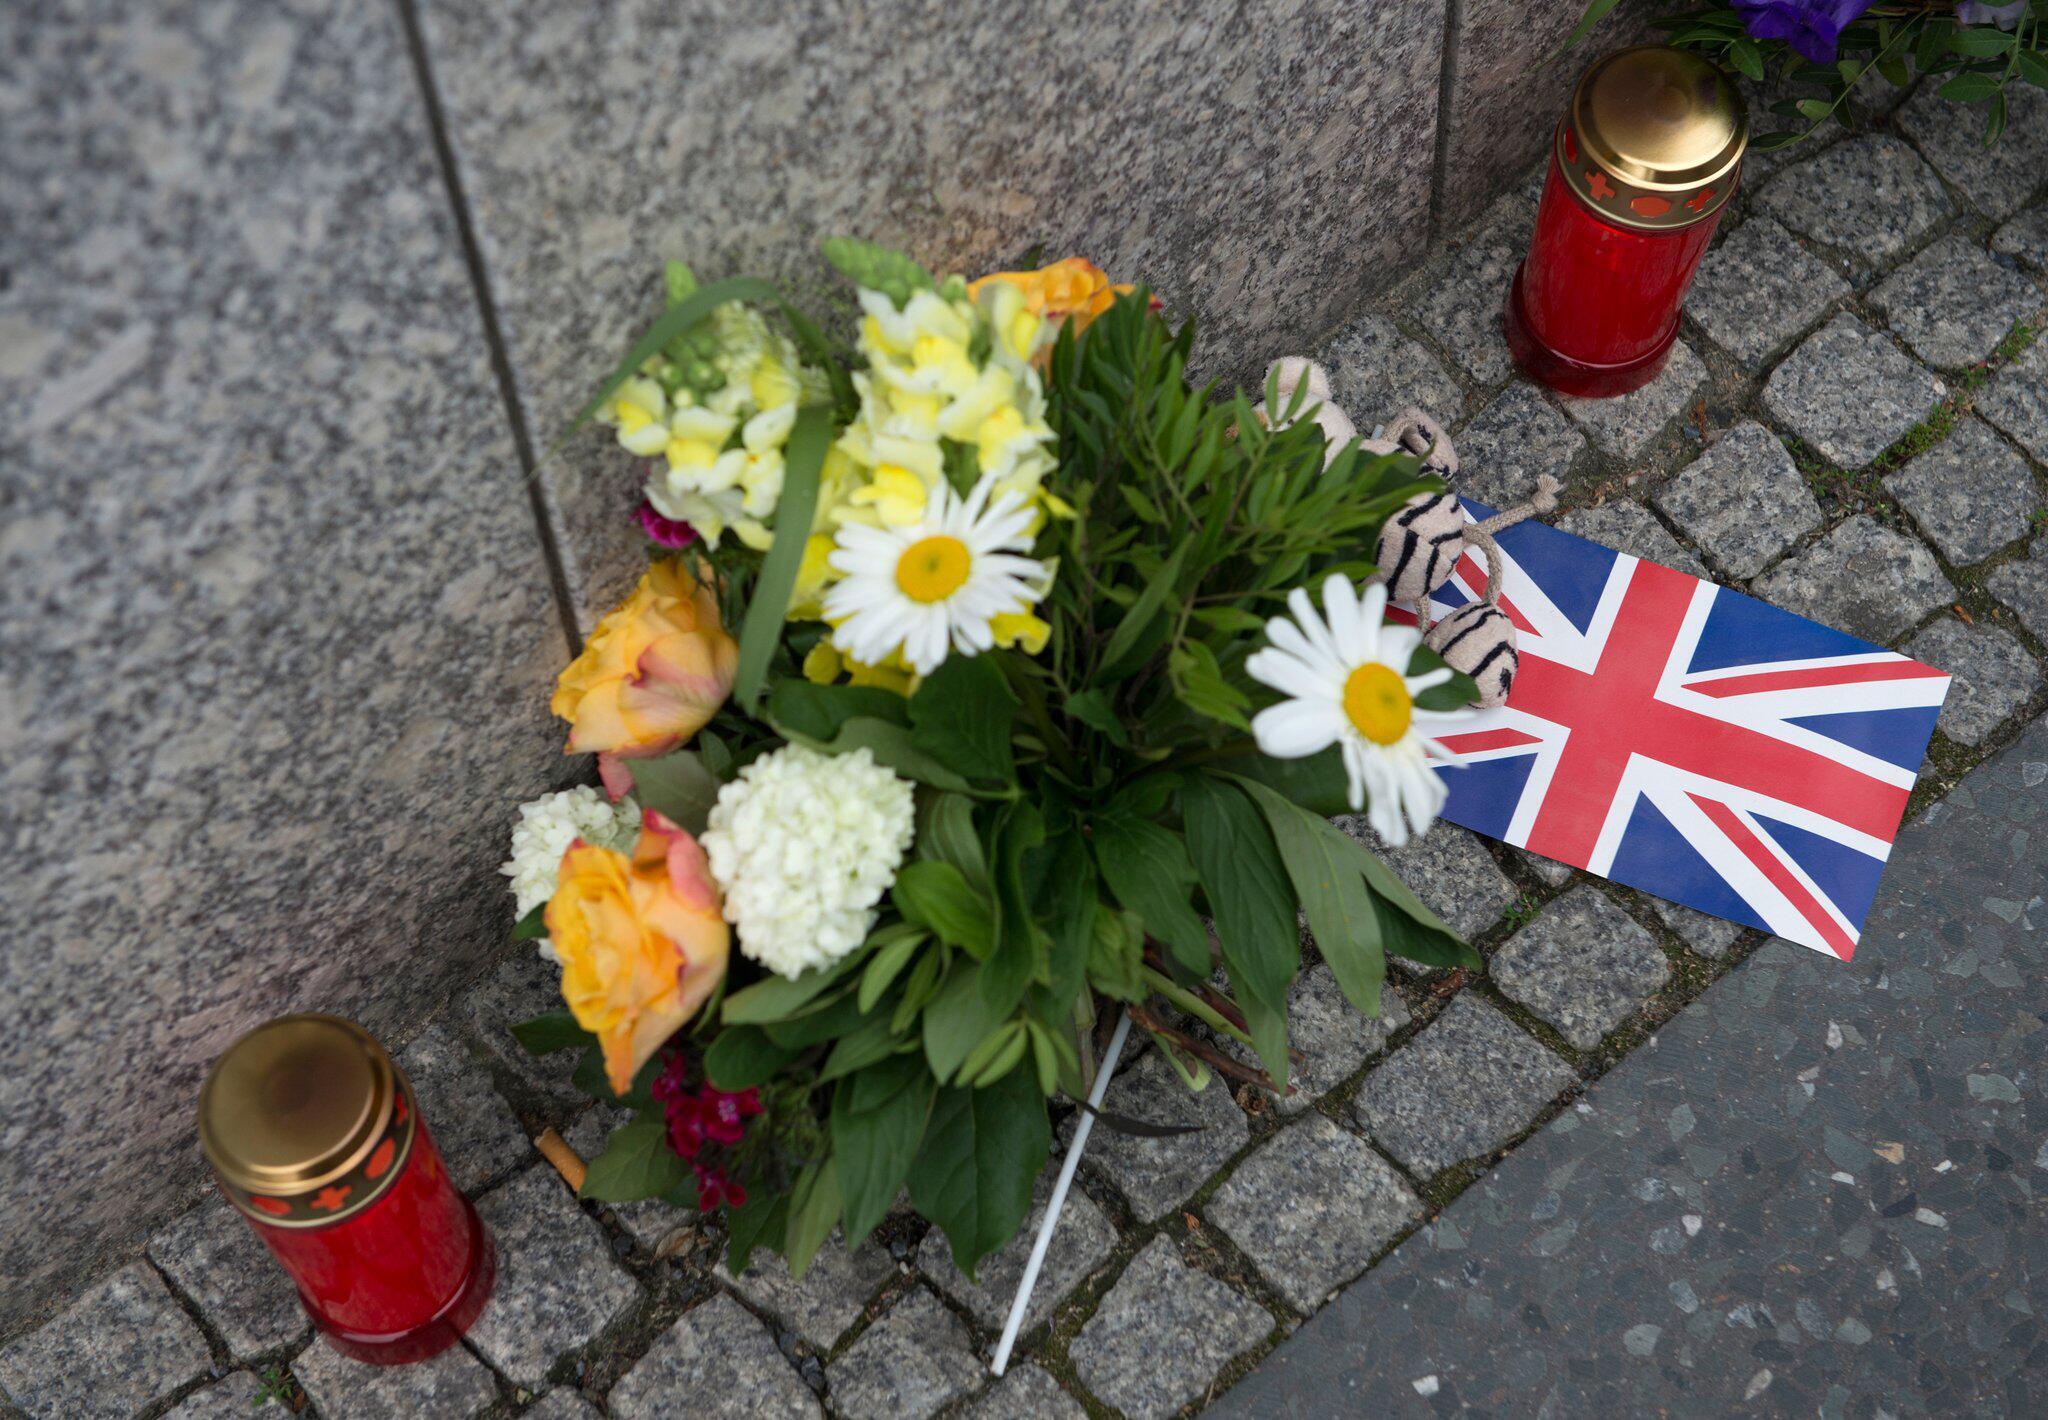 Bild zu Reaction to Manchester terror attack in Germany